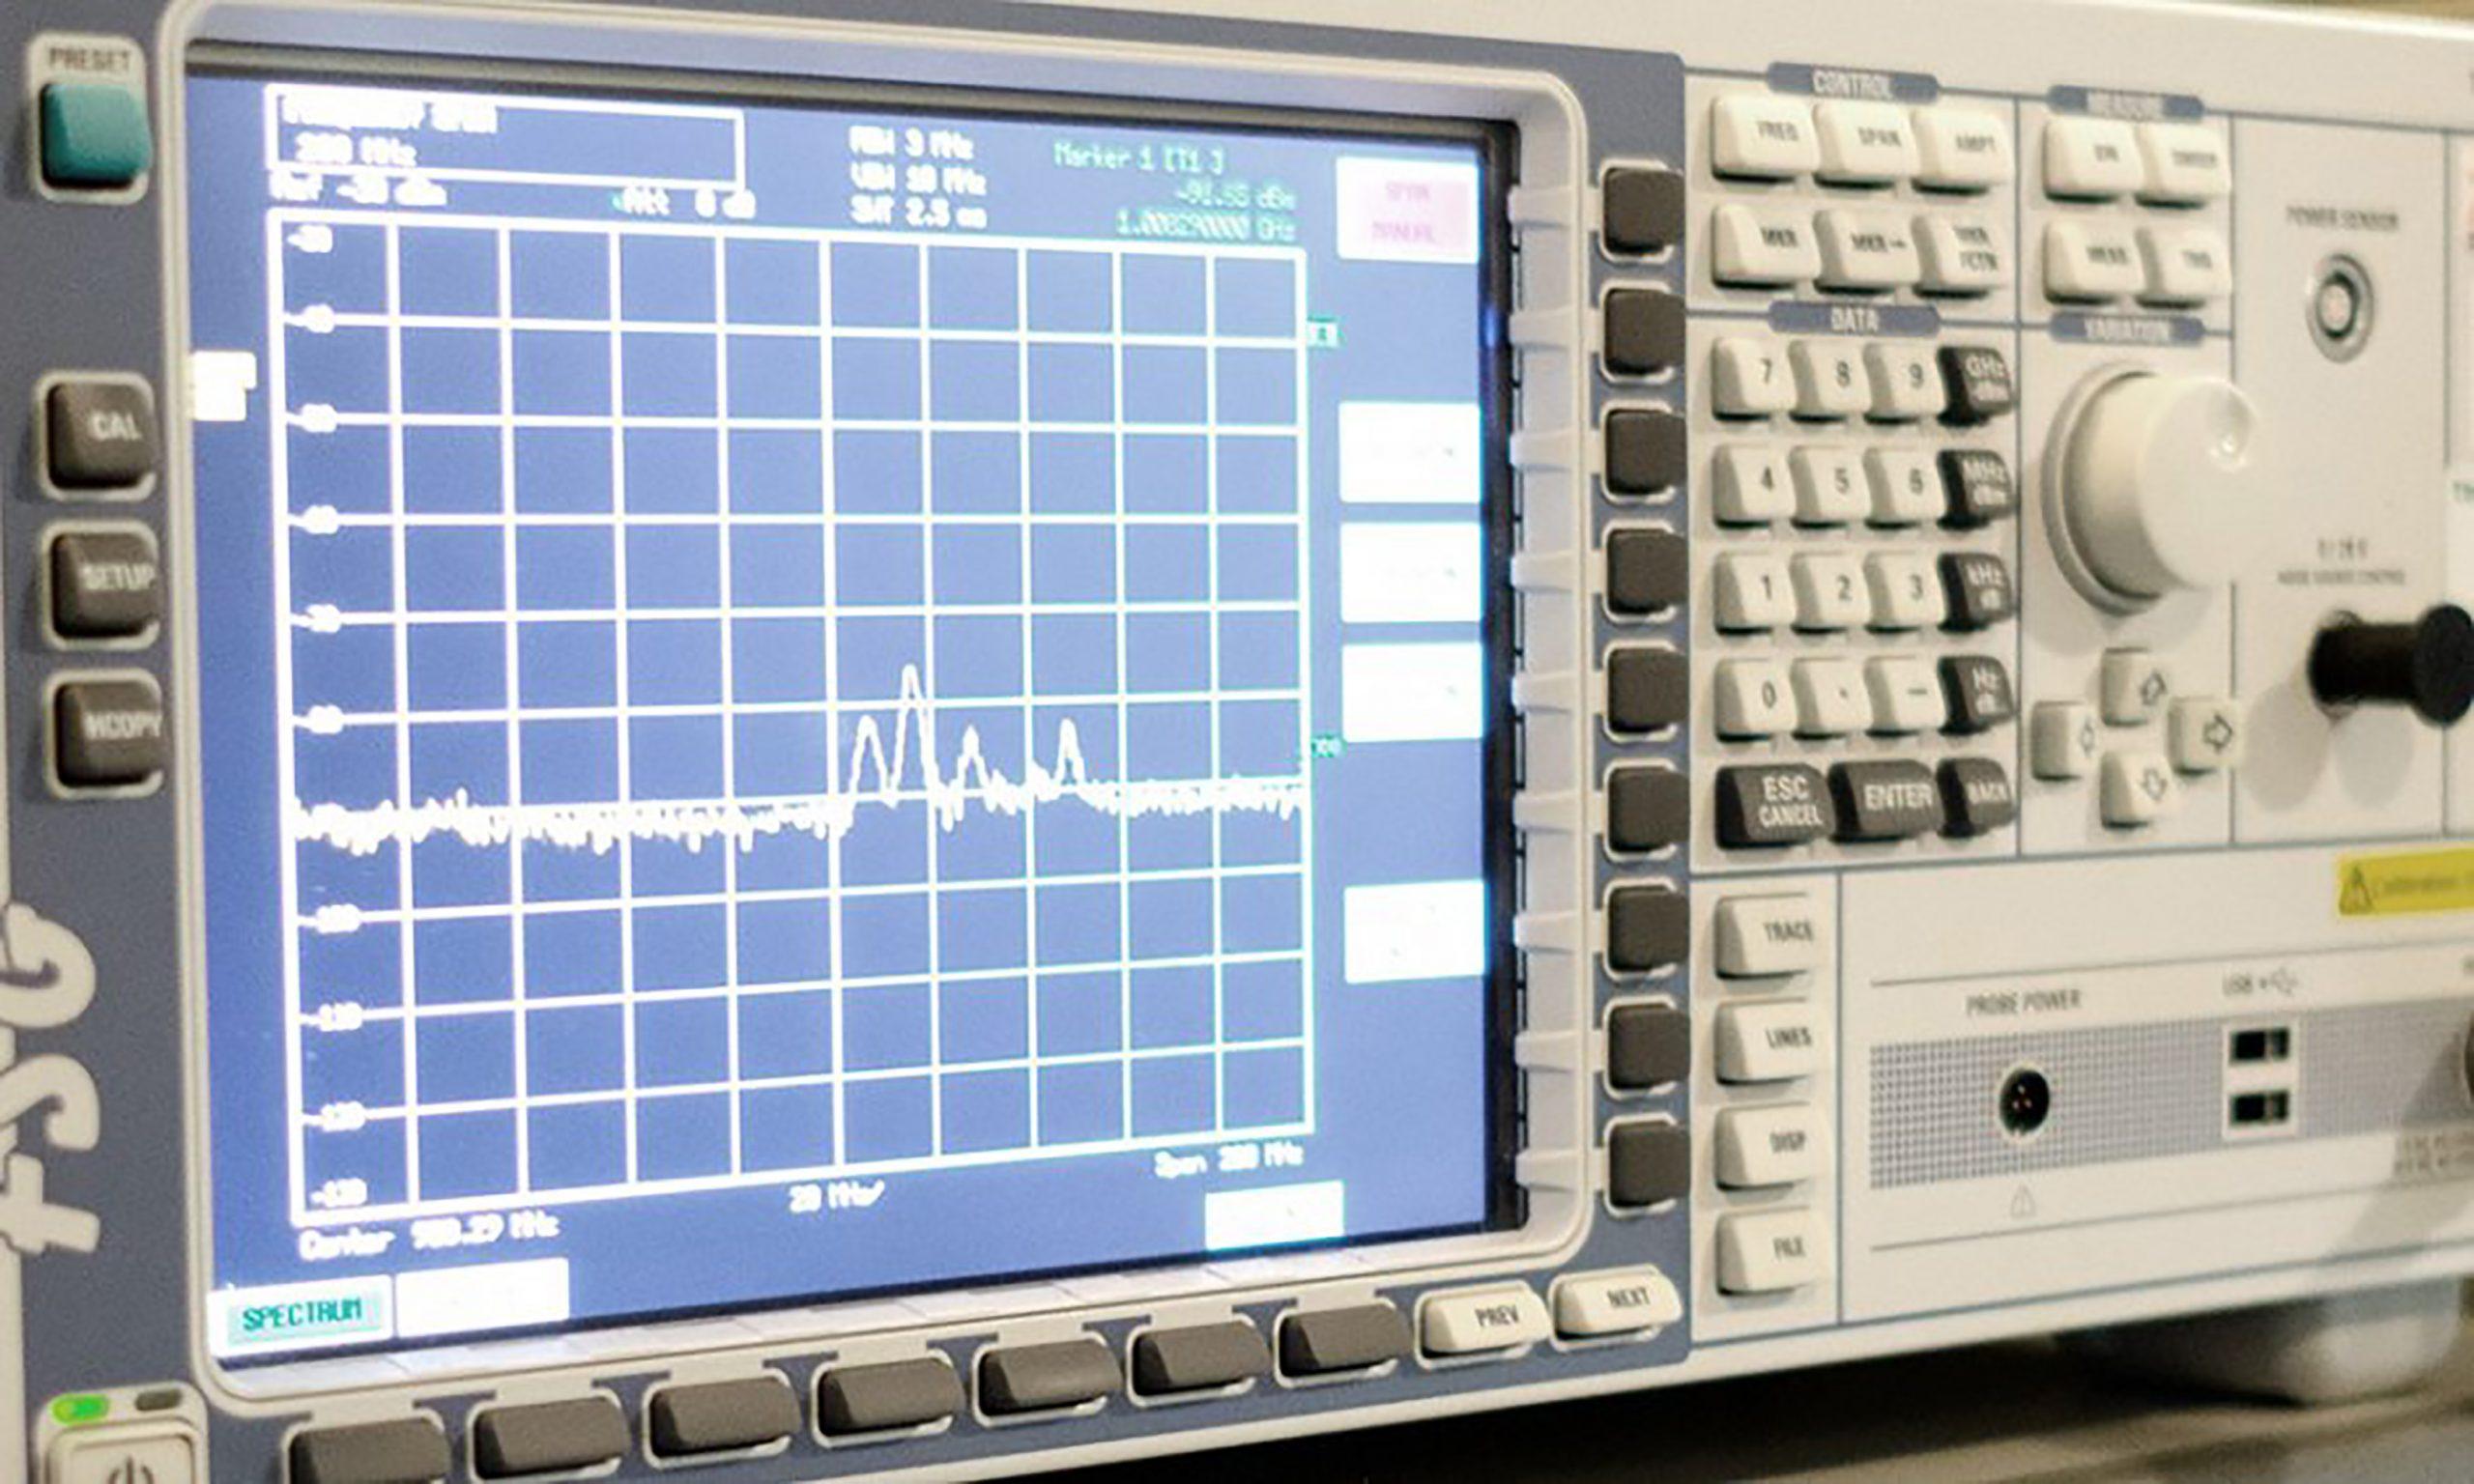 SmartMeter testing